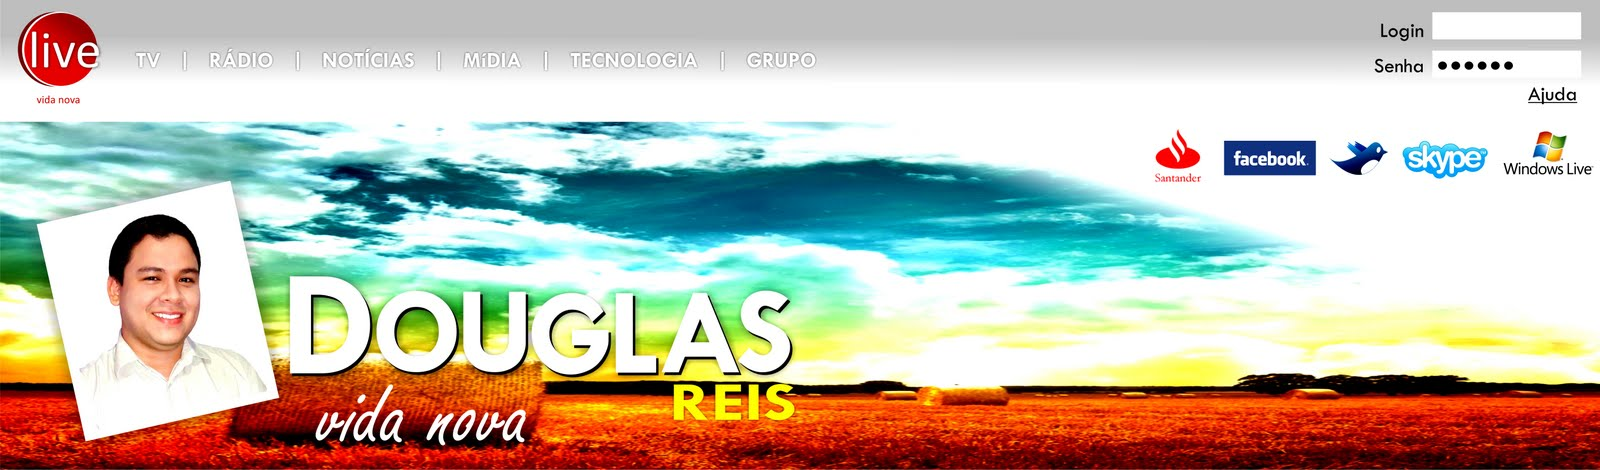 Douglas Reis | Vida Nova.